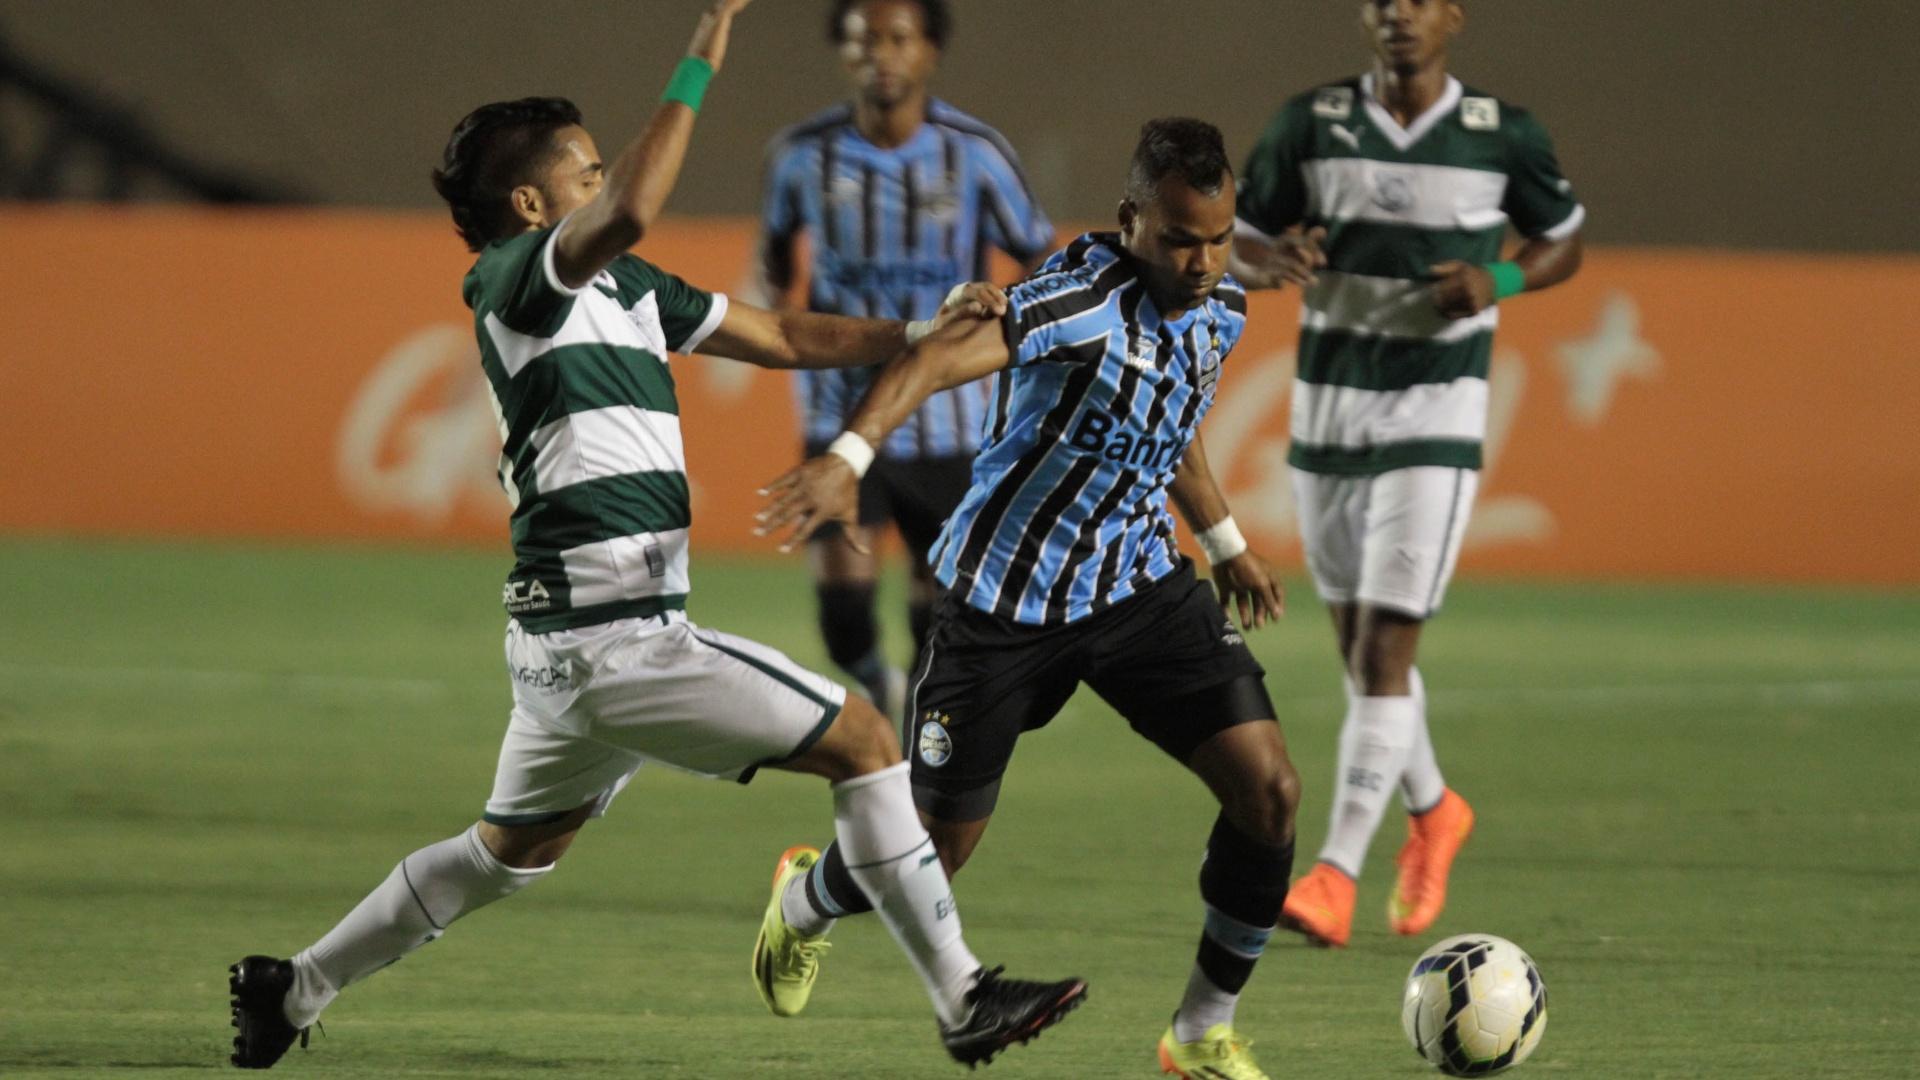 Fernandinho, do Grêmio, escapa da marcação do Goiás em jogo no Estádio Serra Dourada